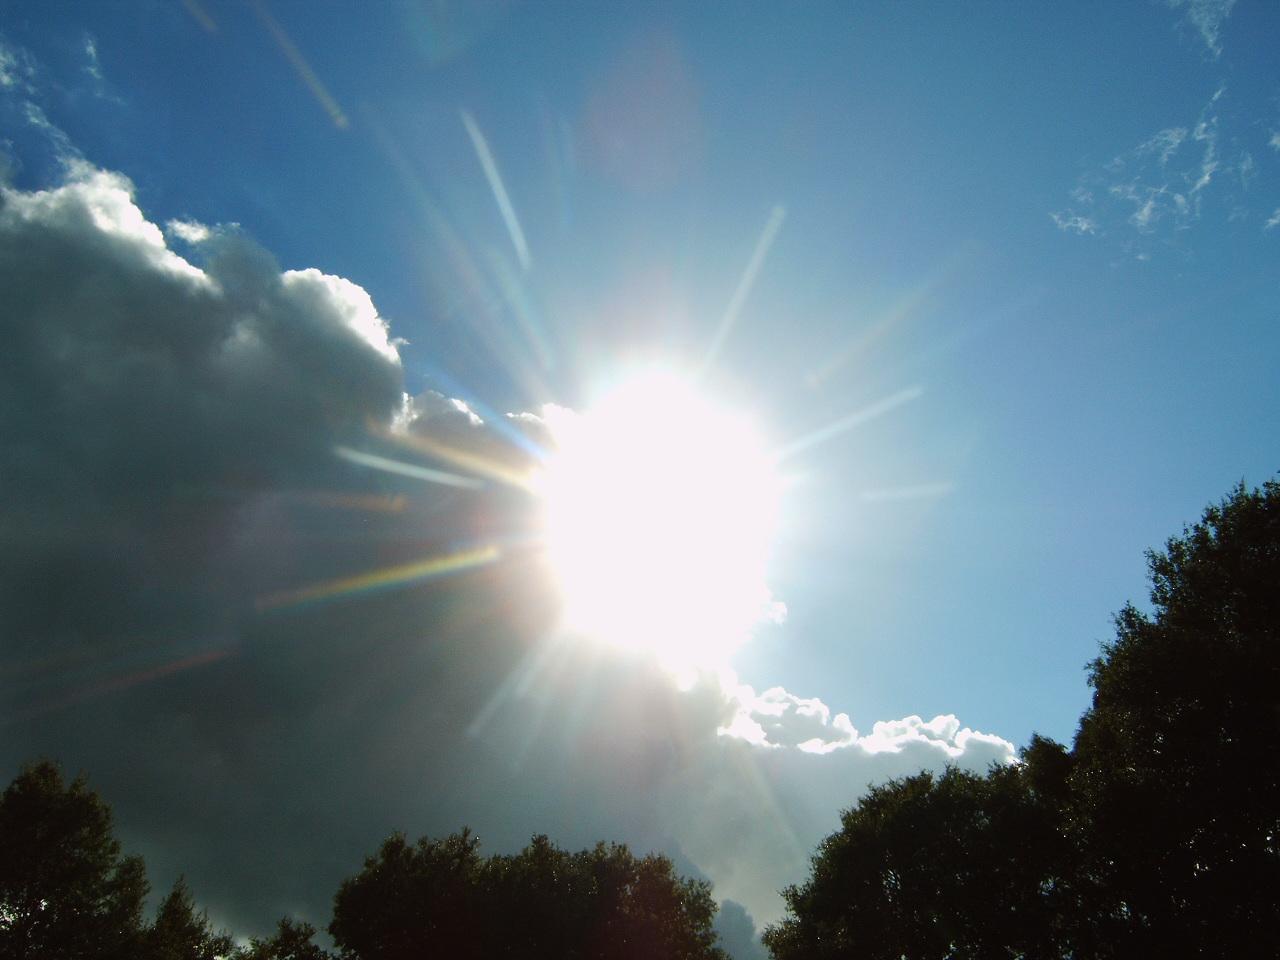 Regen En Zonneschijn : Na regen komt zonneschijn spreekwoord u say it in dutch idiom